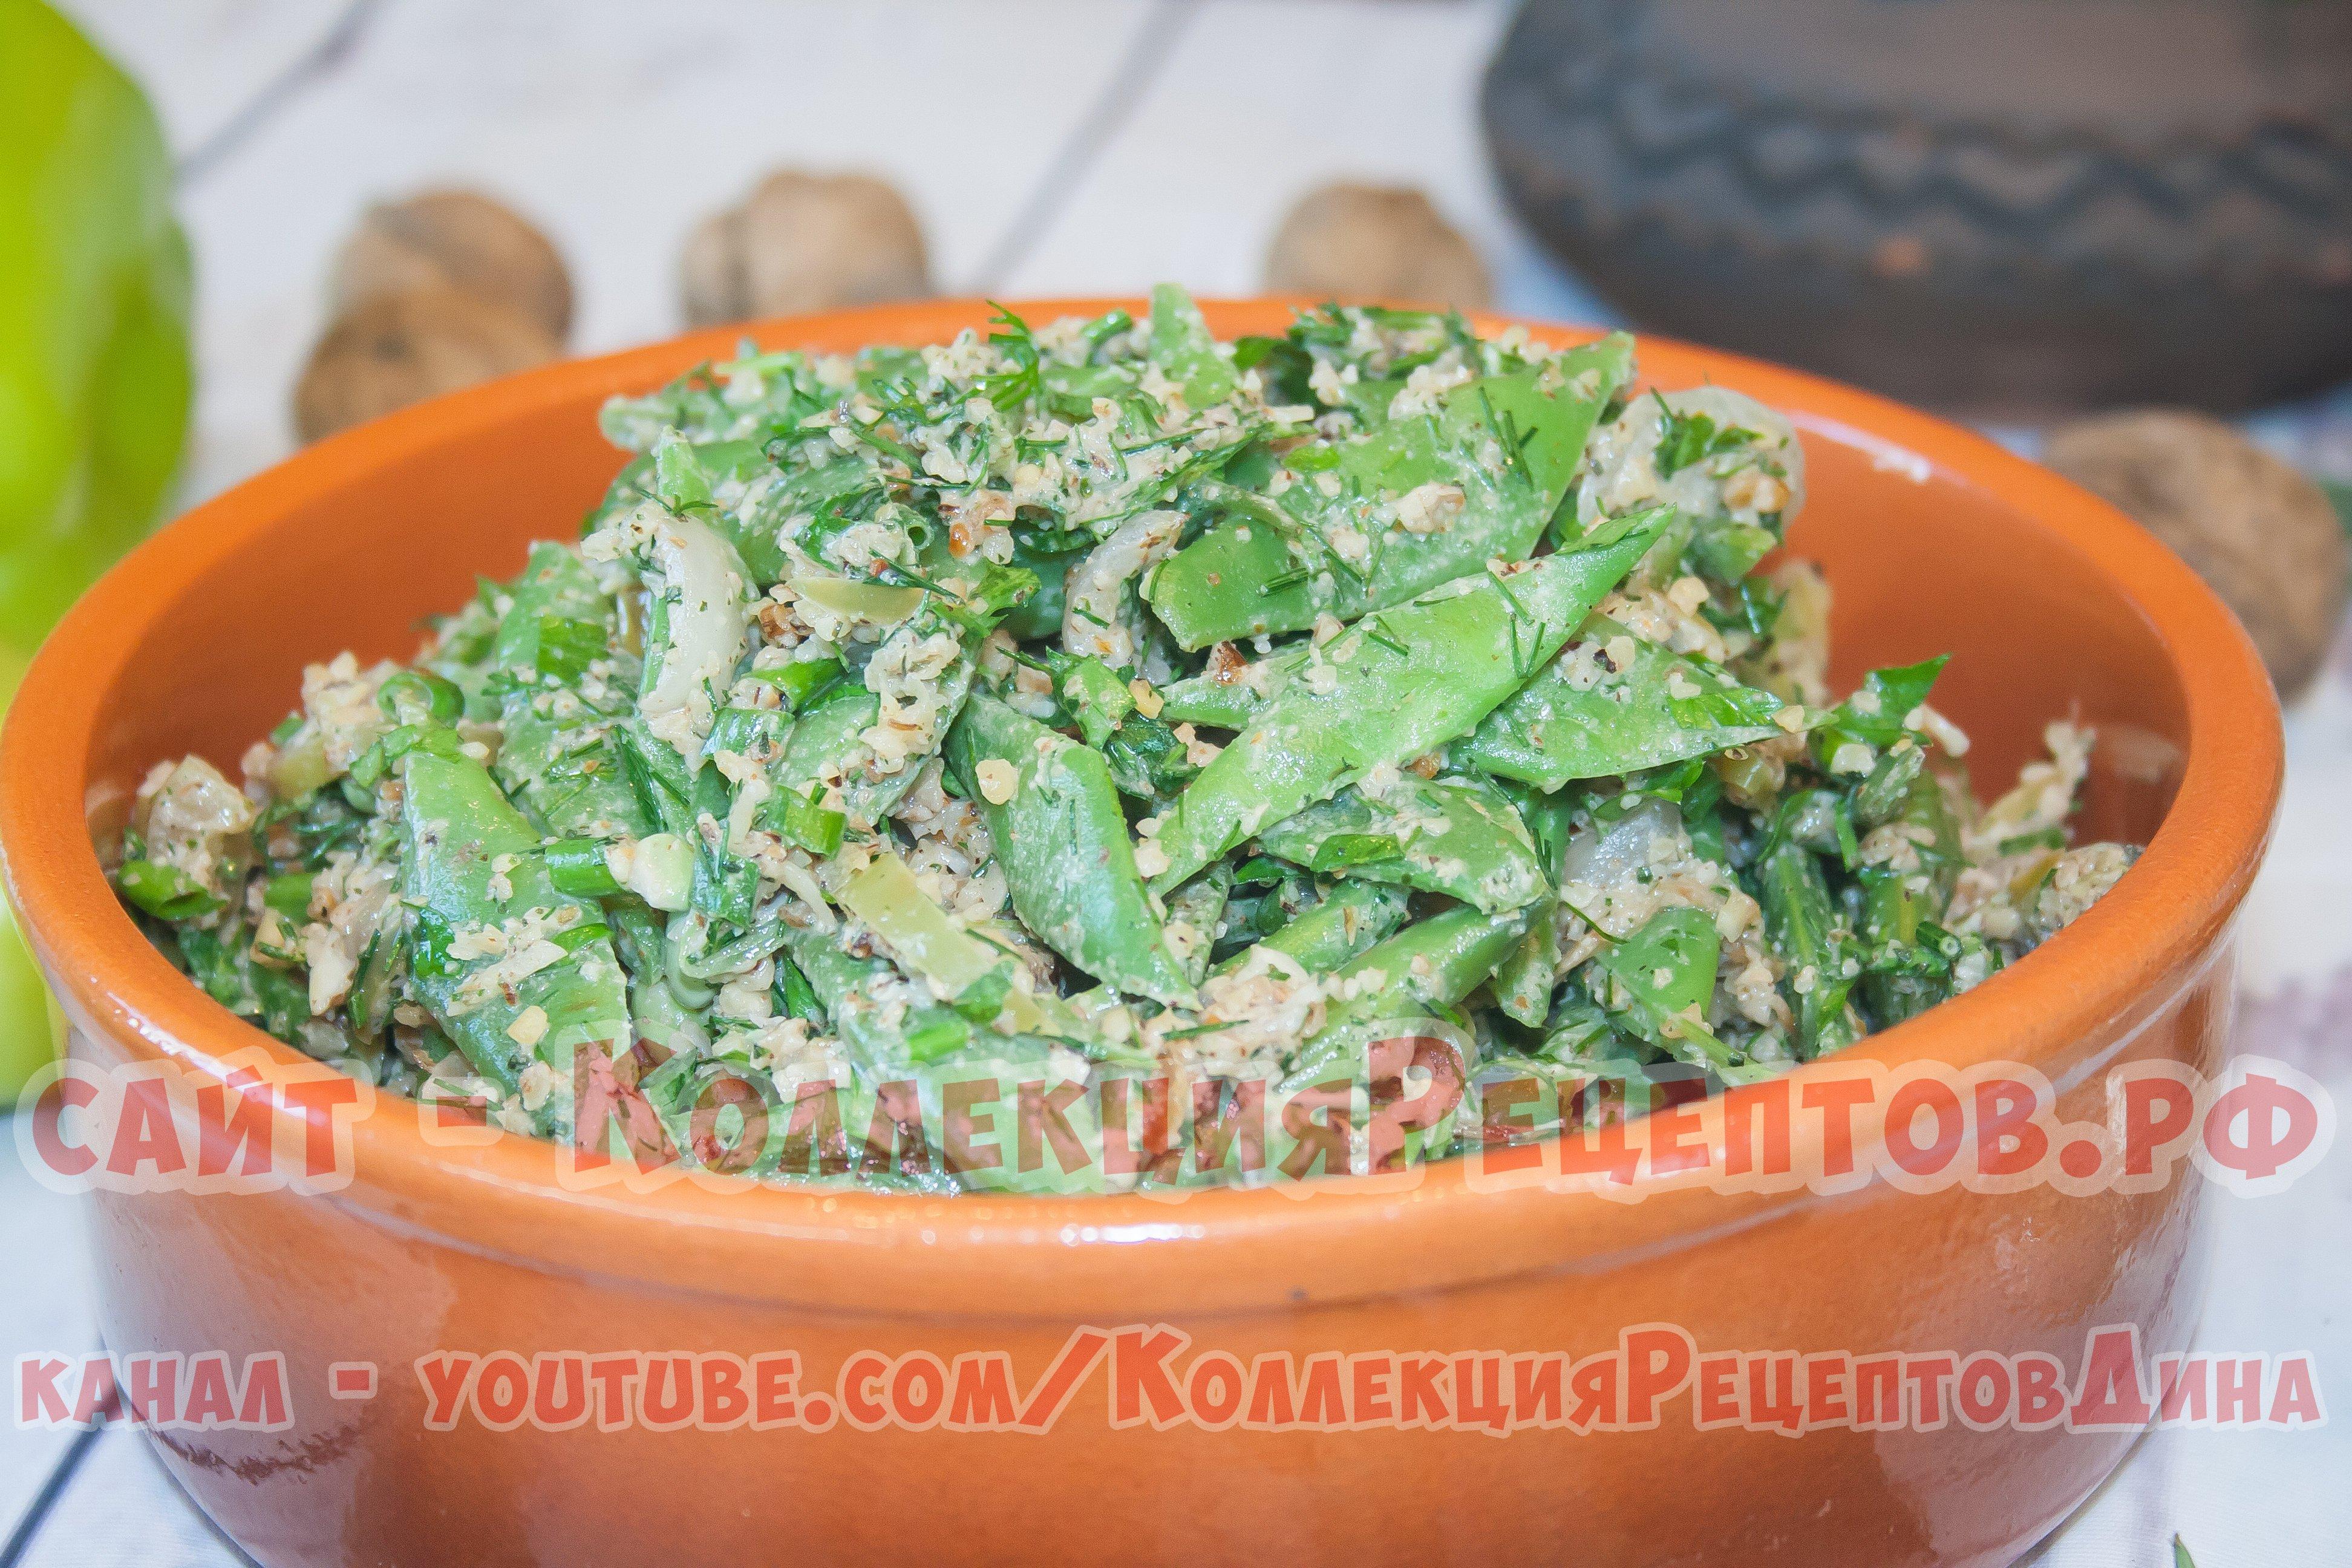 Томатный суп с фасолью: вкусный рецепт постного блюда рекомендации